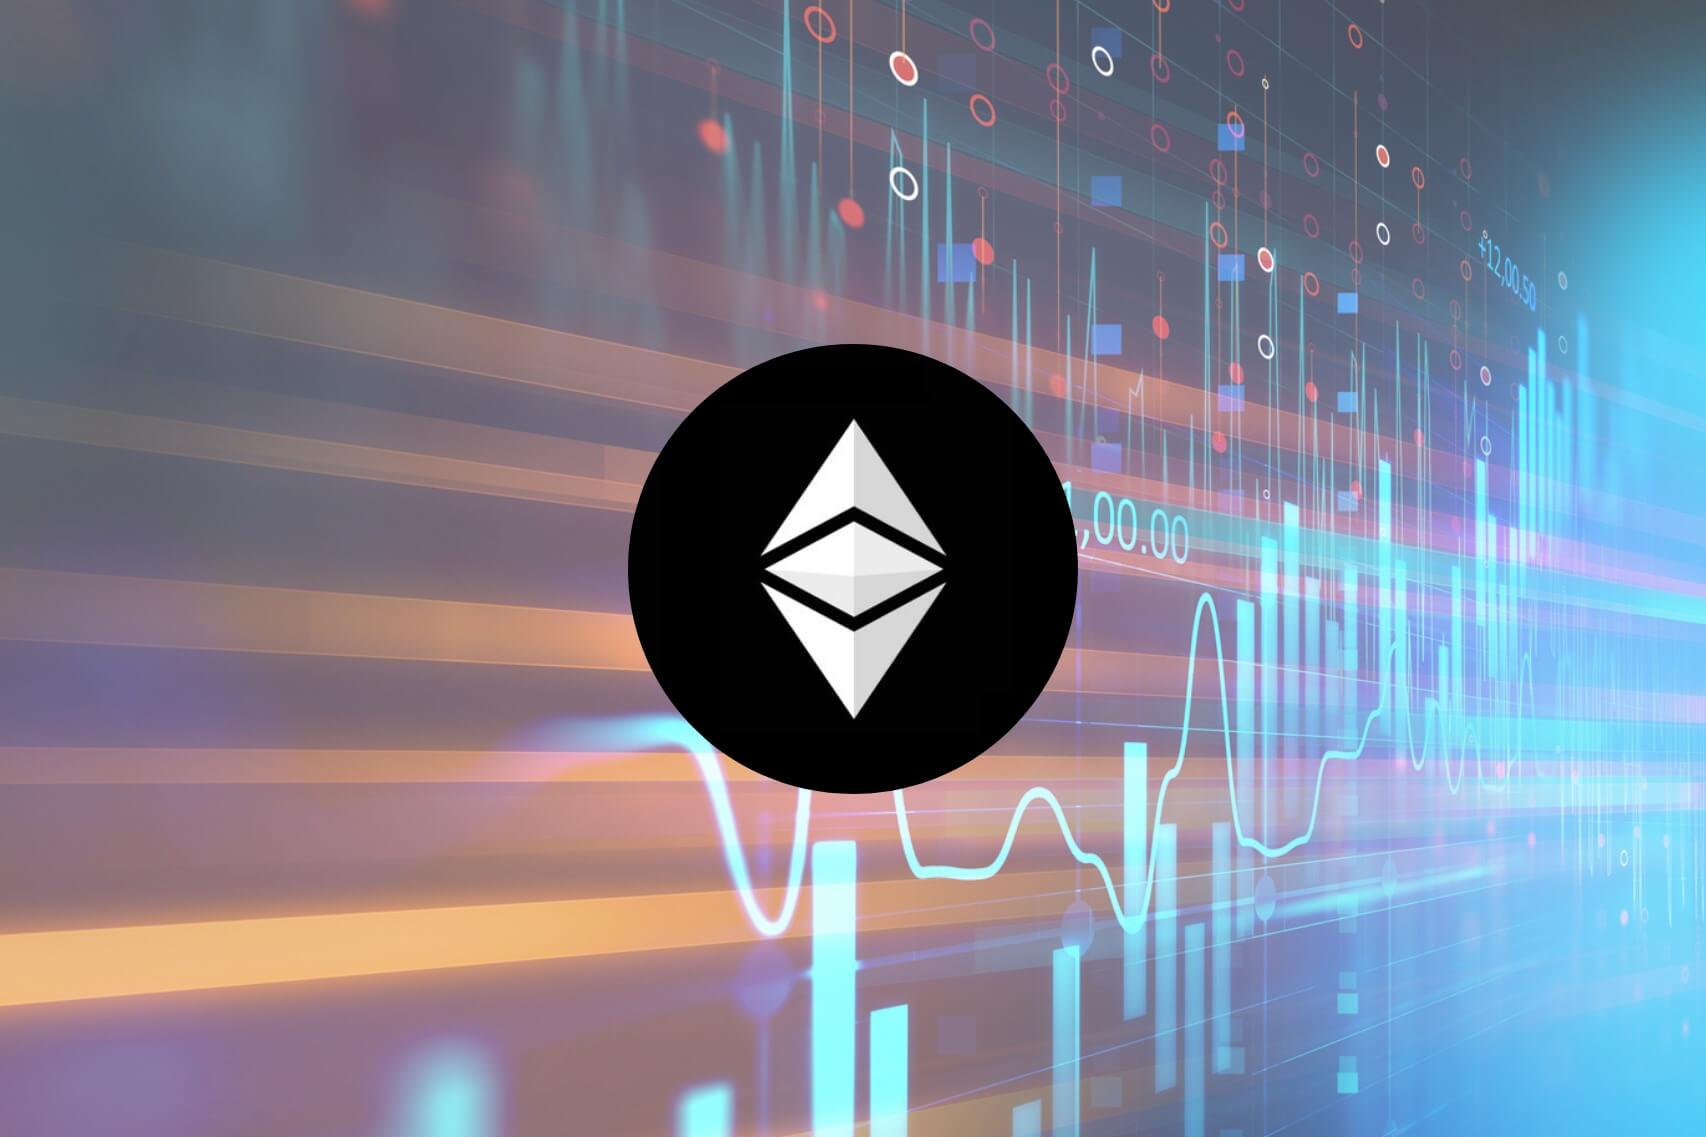 Price Analysis: ETC